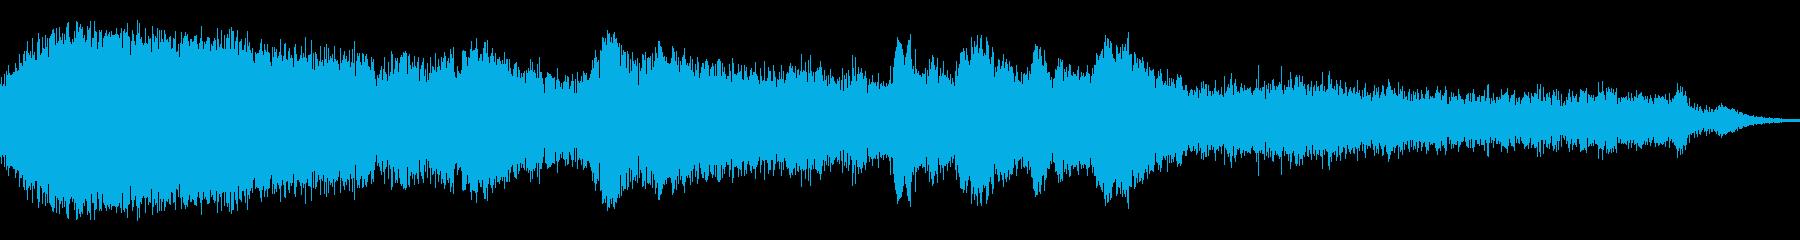 群集YOOOハイピッチエールアットエンドの再生済みの波形